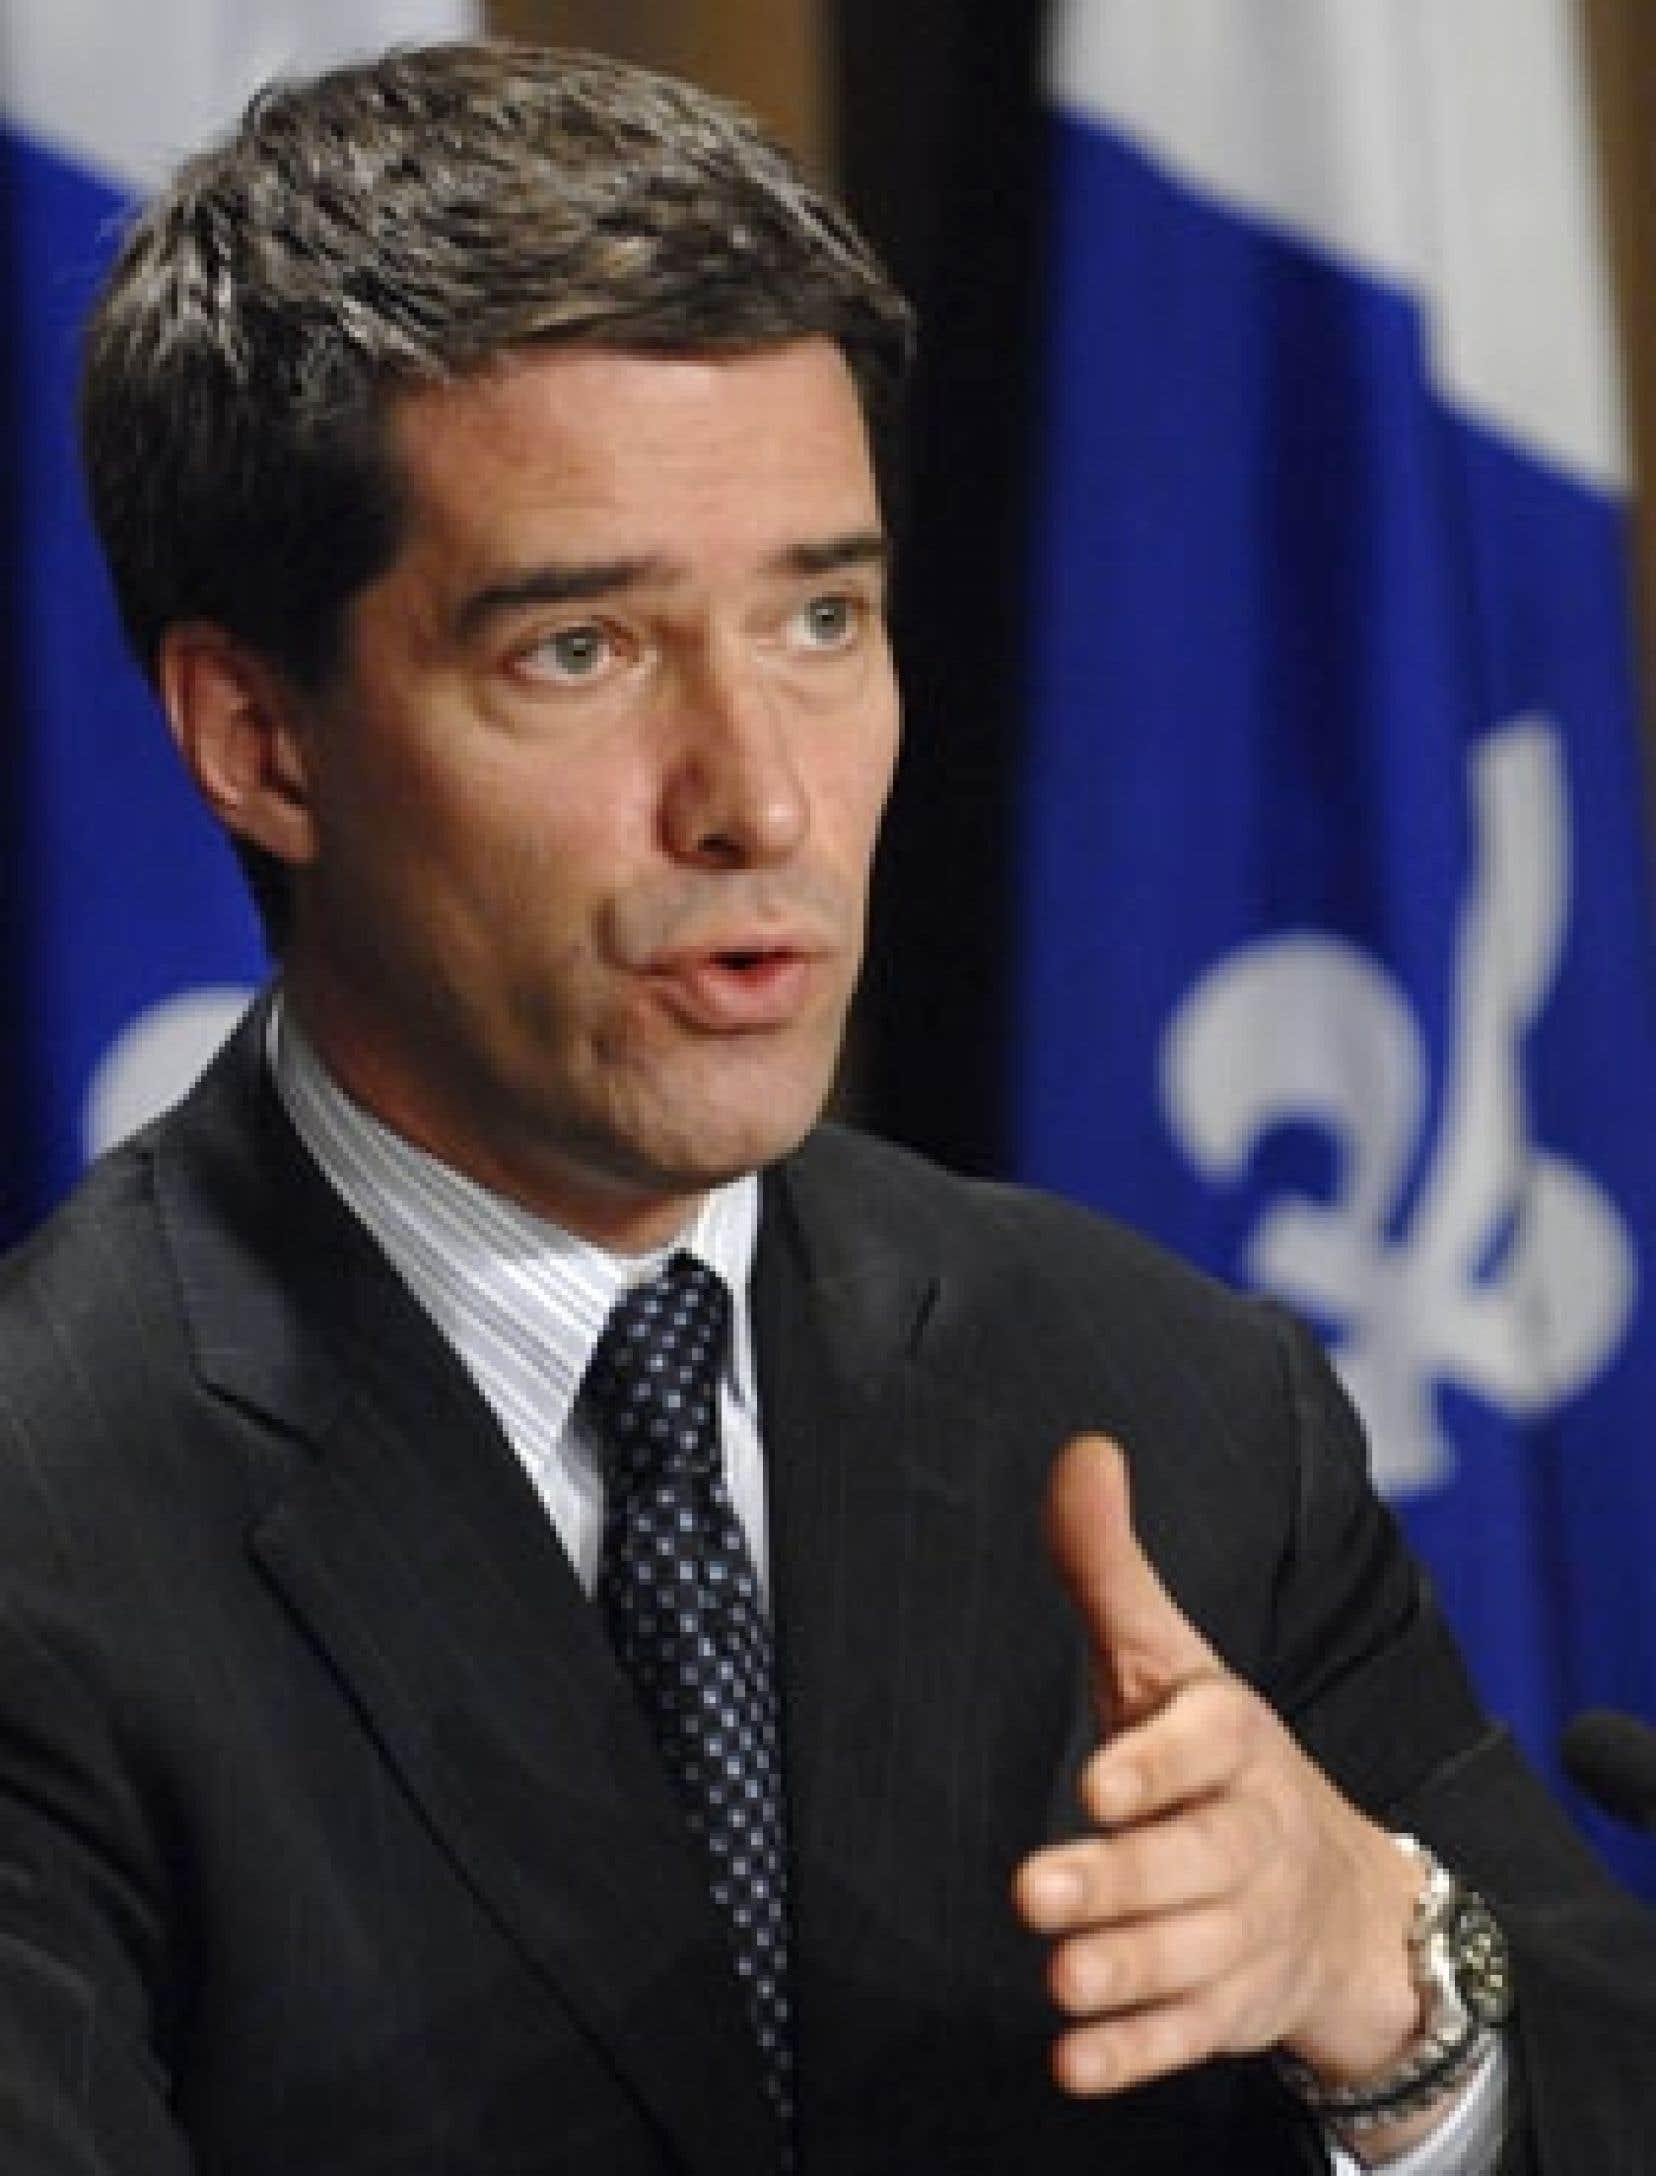 Le chef du Parti québécois, André Boisclair, a promis un Québec «plus riche, plus juste, plus vert et plus près des régions» s'il remporte les prochaines élections.